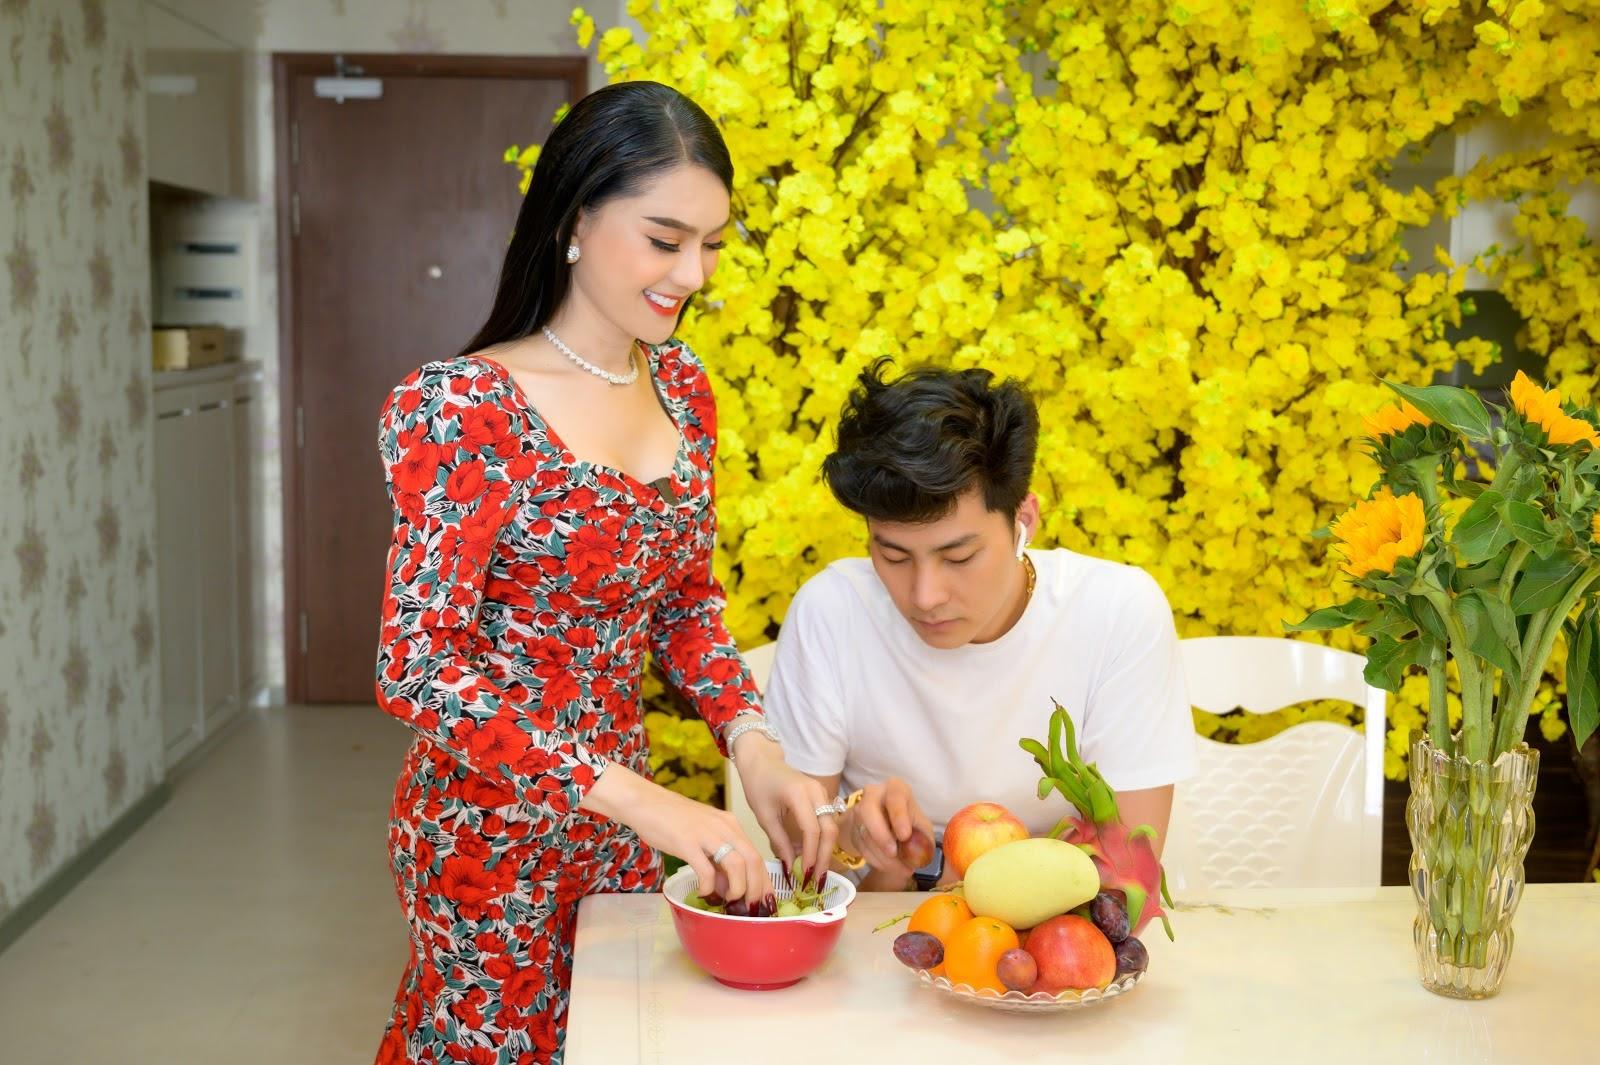 Vợ chồng Lâm Khánh Chi hạnh phúc trong ngôi nhà ngập tràn hoa đón Tết - Hình 3